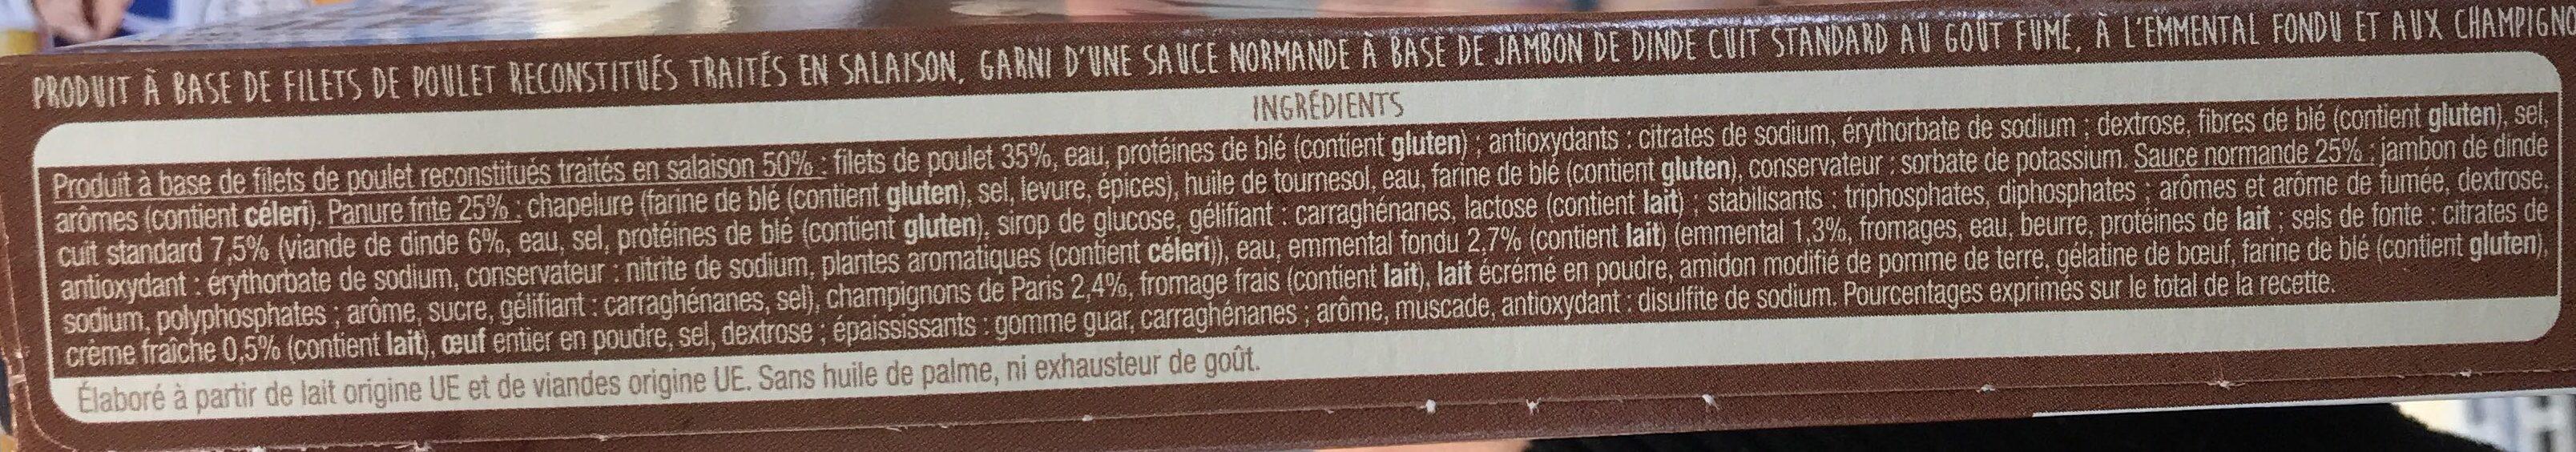 Croque a la normande x2 - Ingrediënten